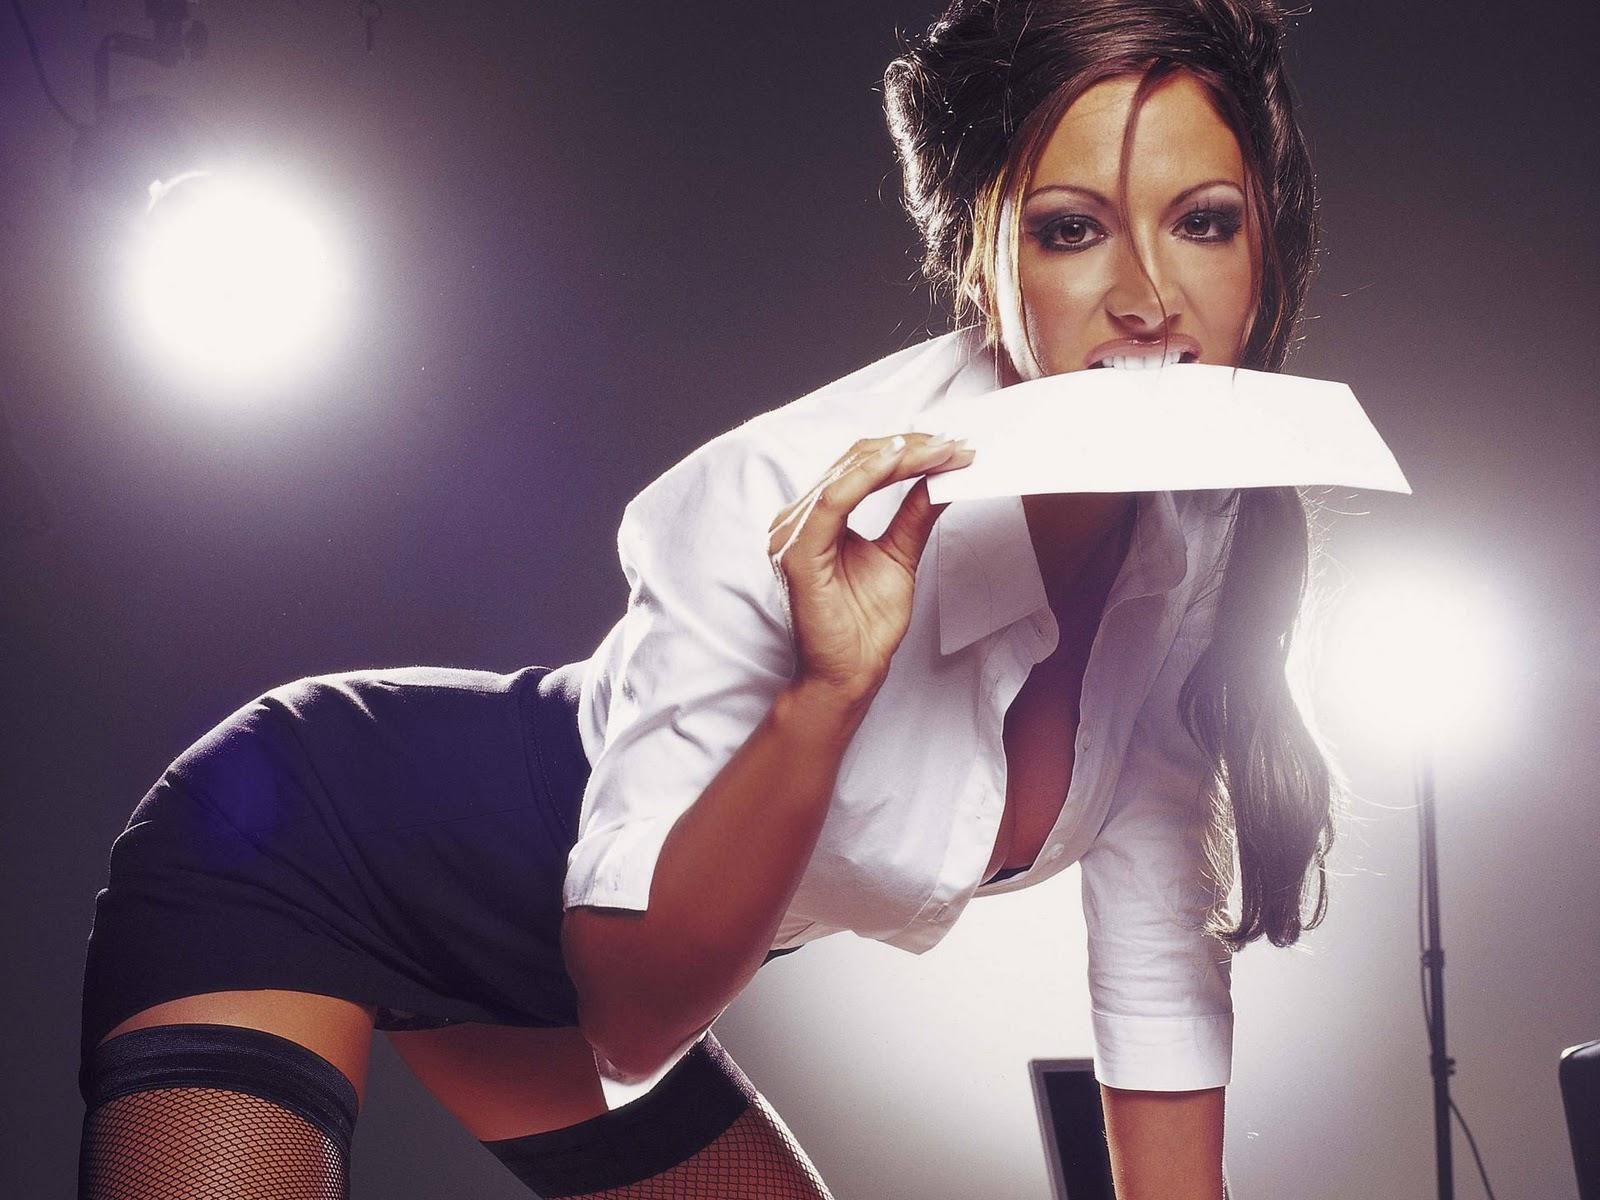 Фото красивая девушка секретутки эротика 12 фотография